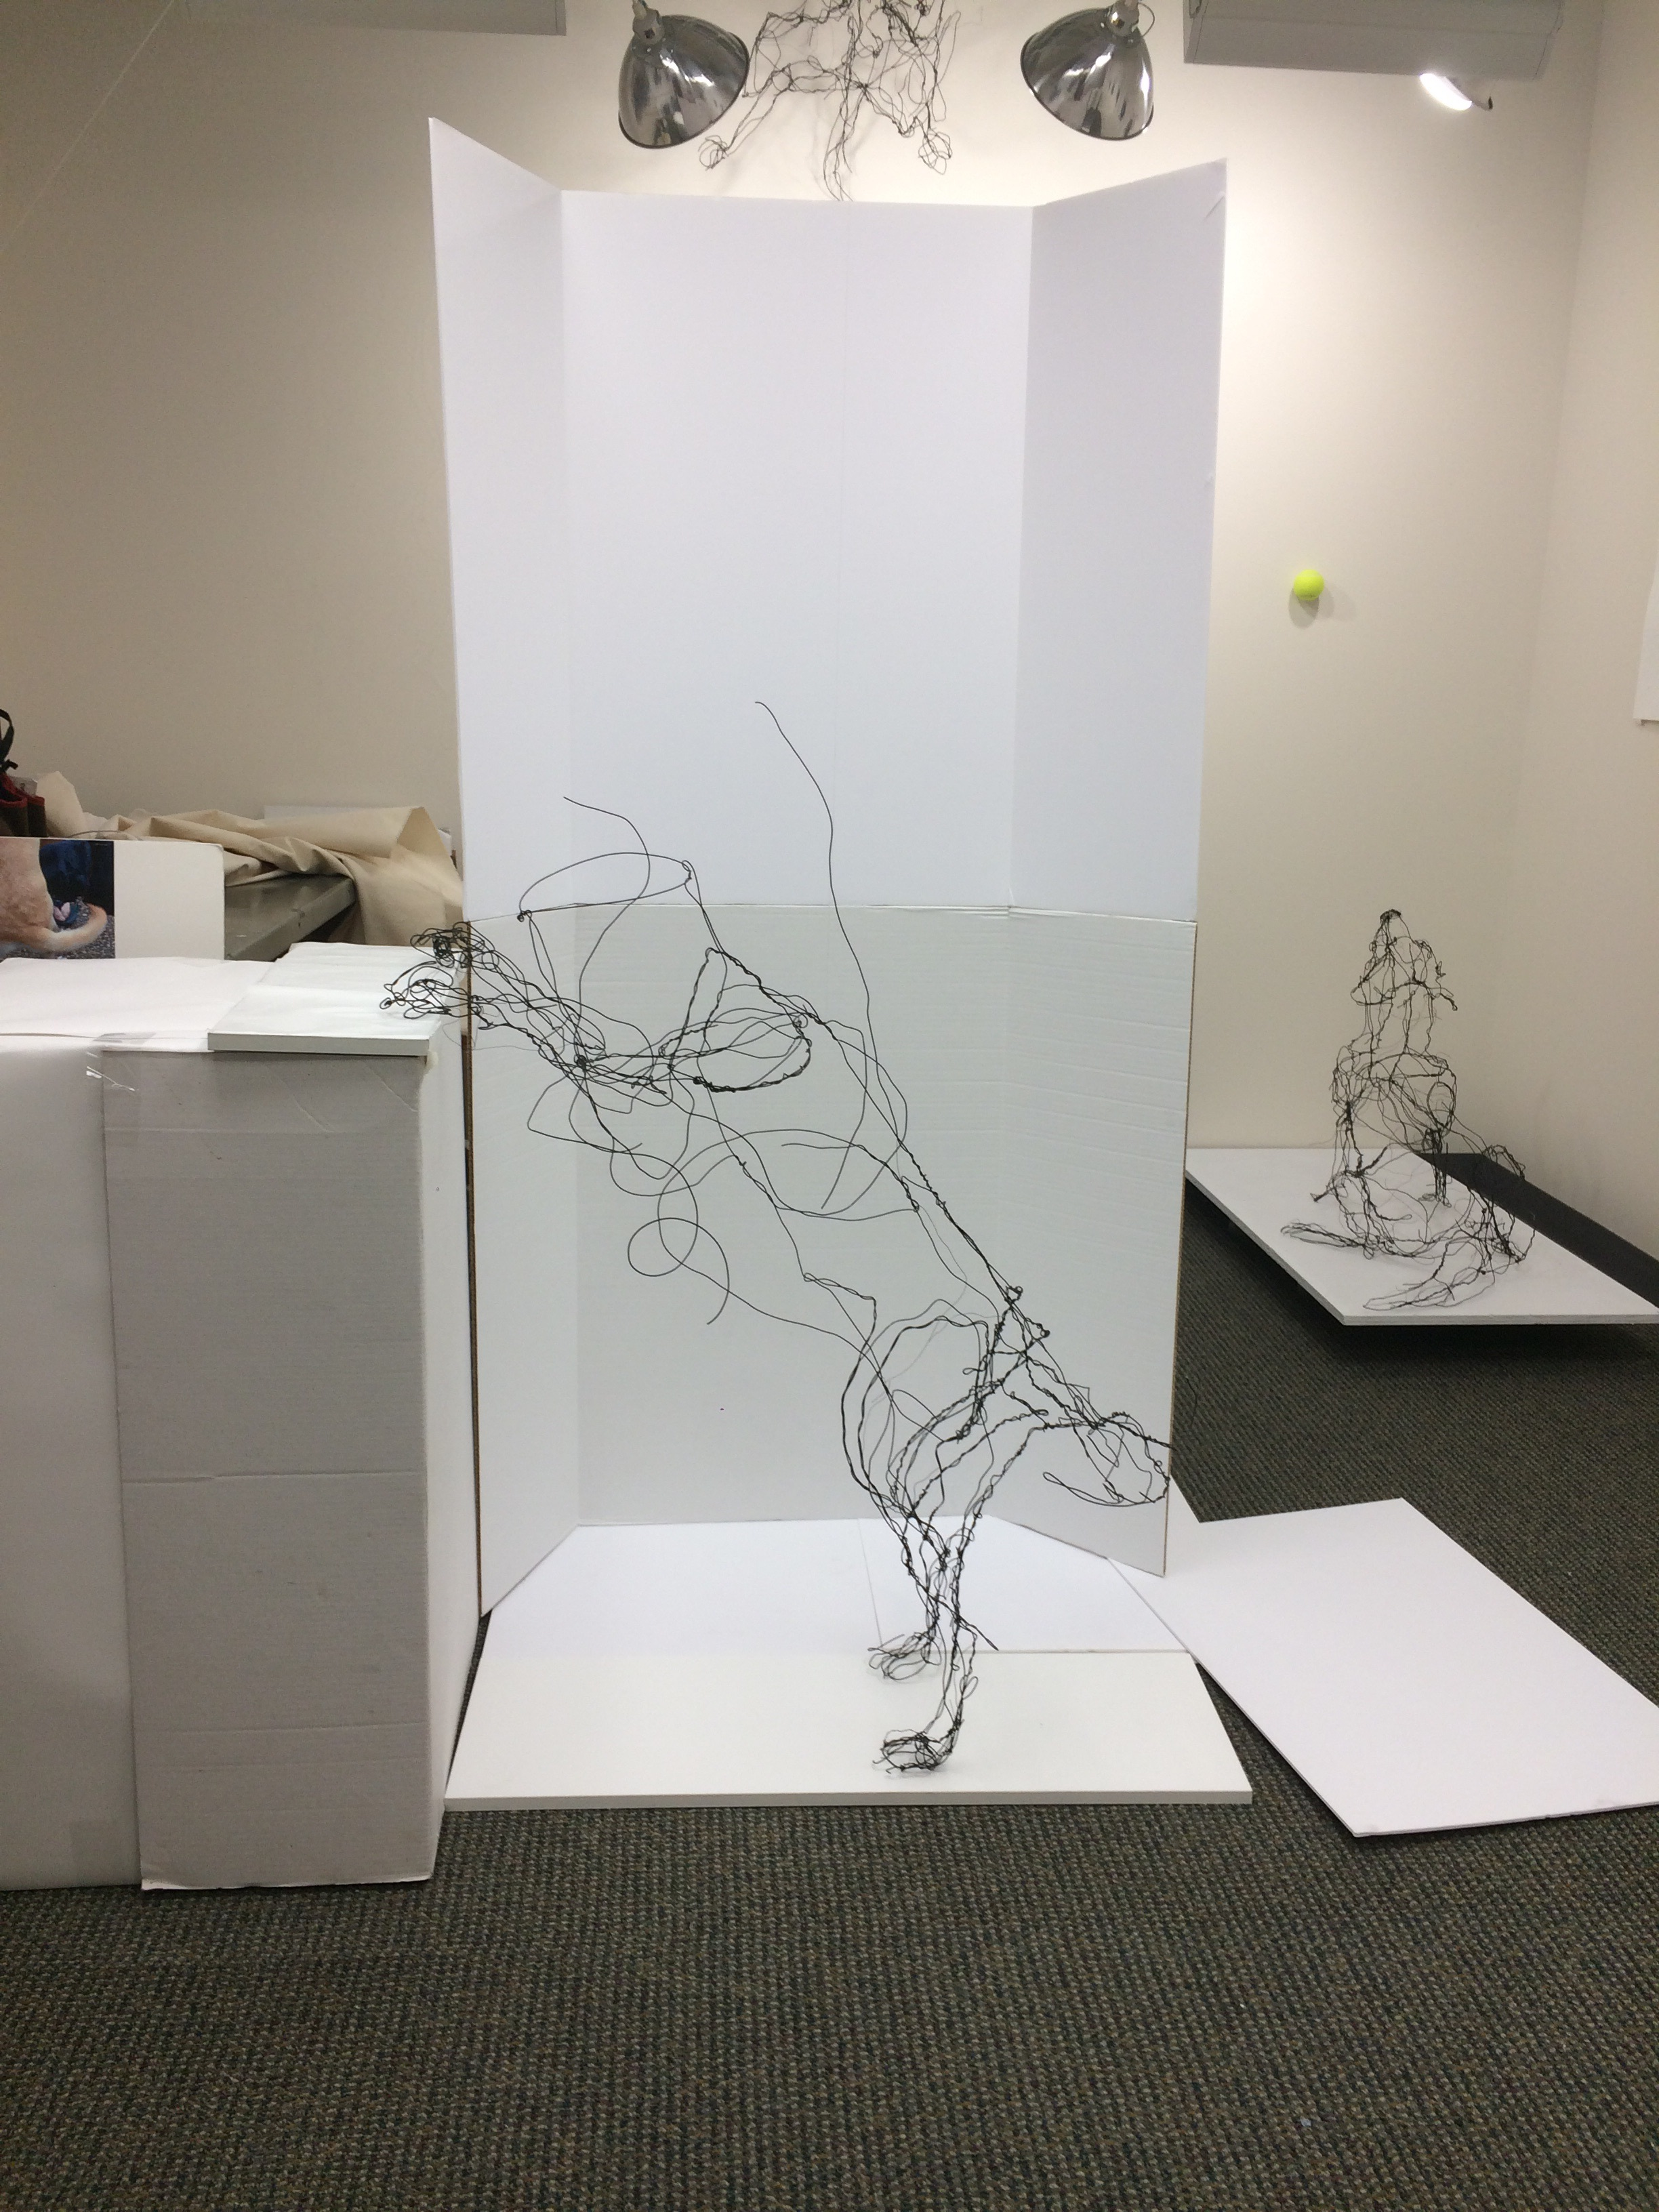 More wire